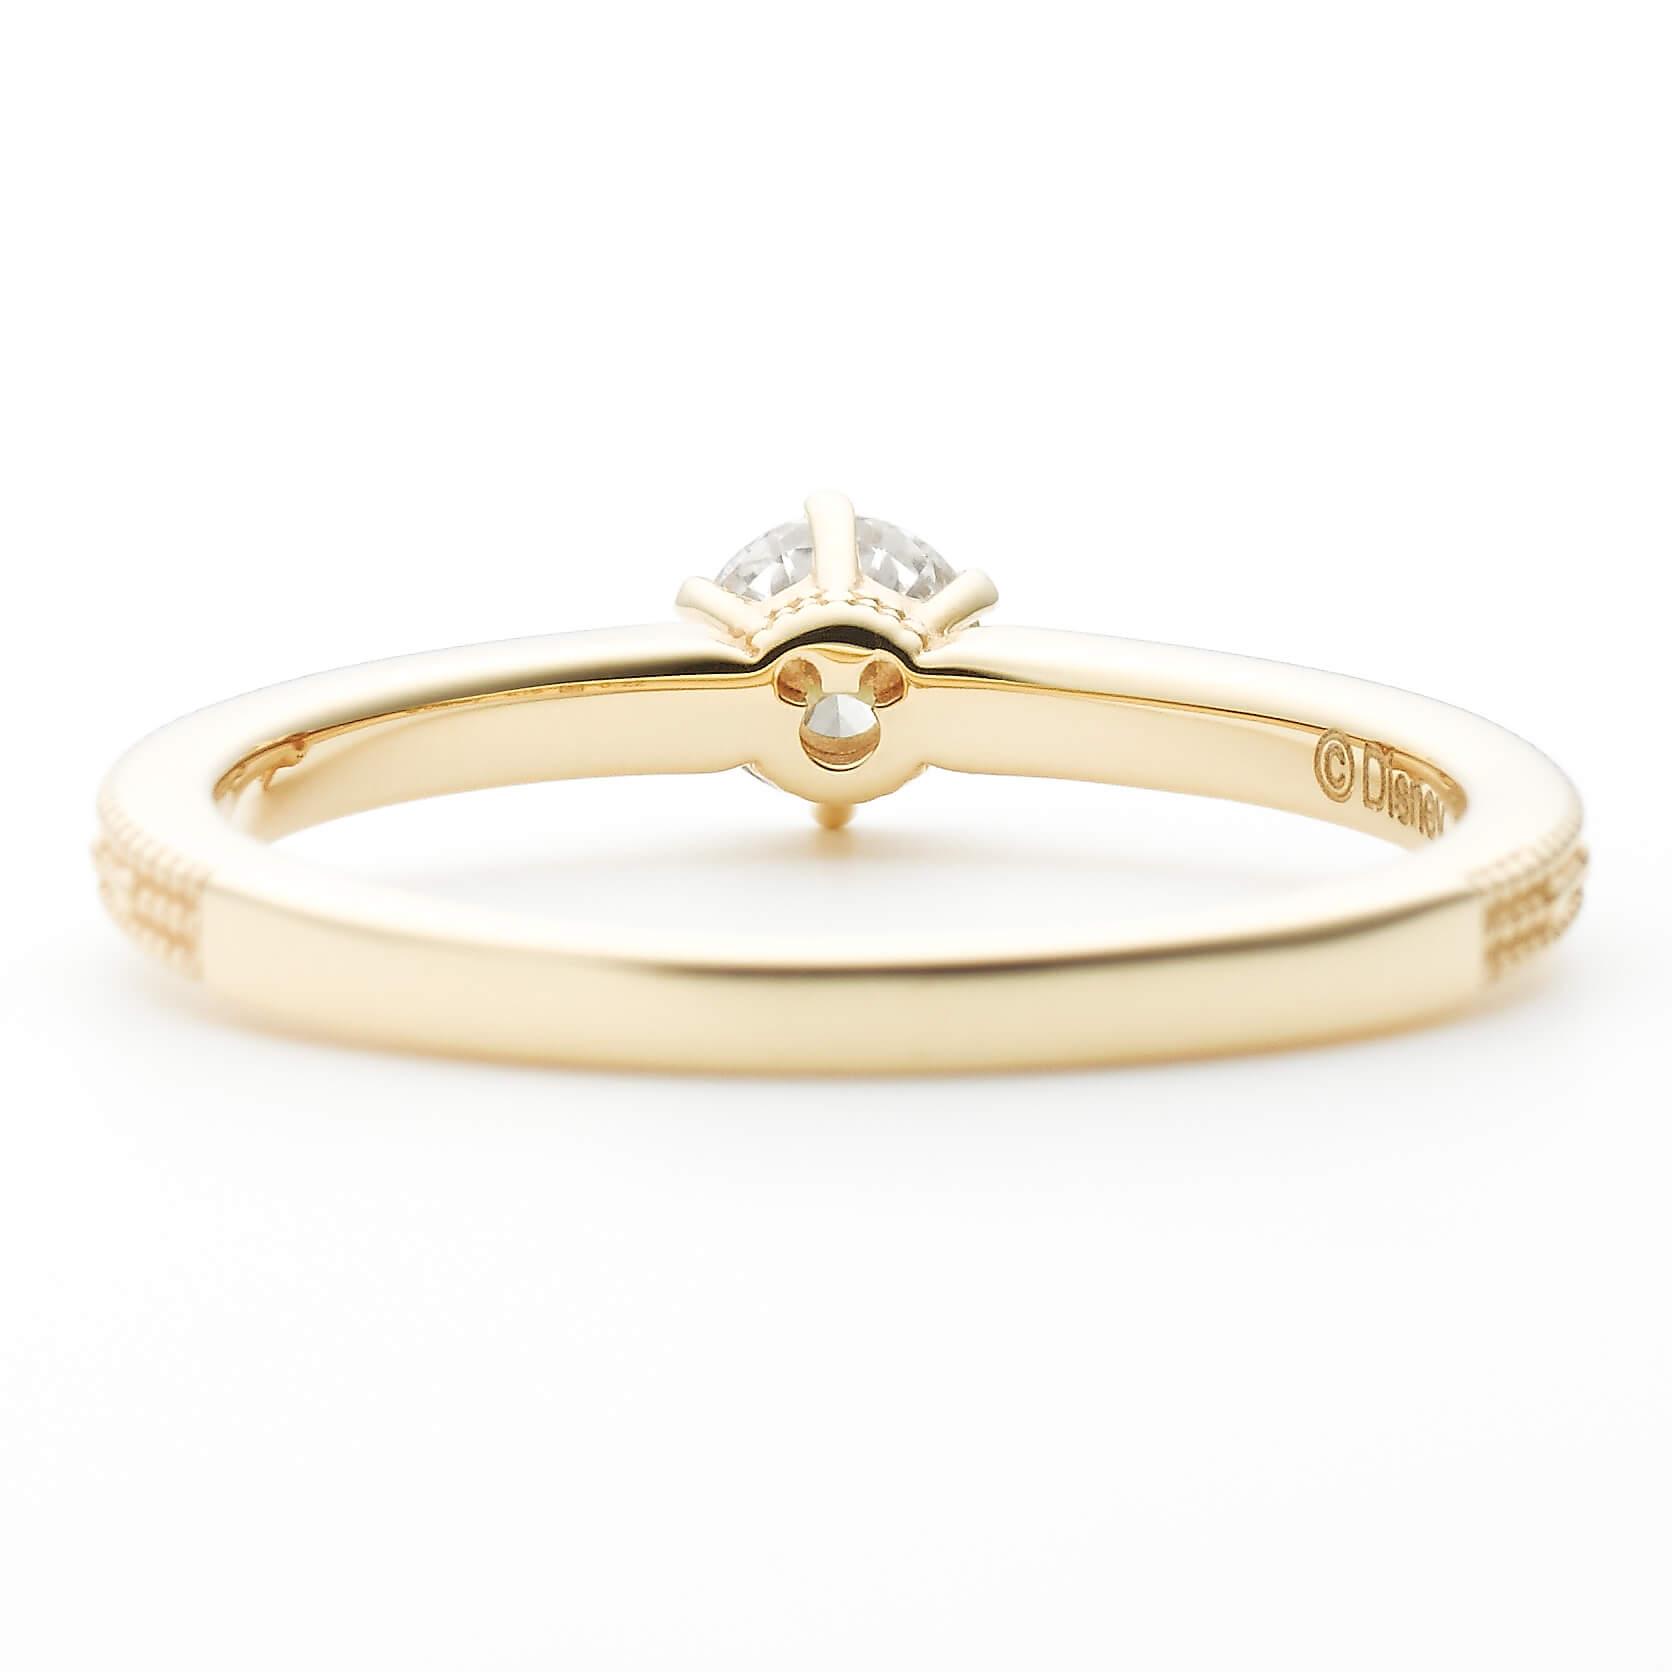 銀座・柏・直方の婚約指輪Disney STEAMBOAT WILLIE(ディズニースチームボートウィリー)_03